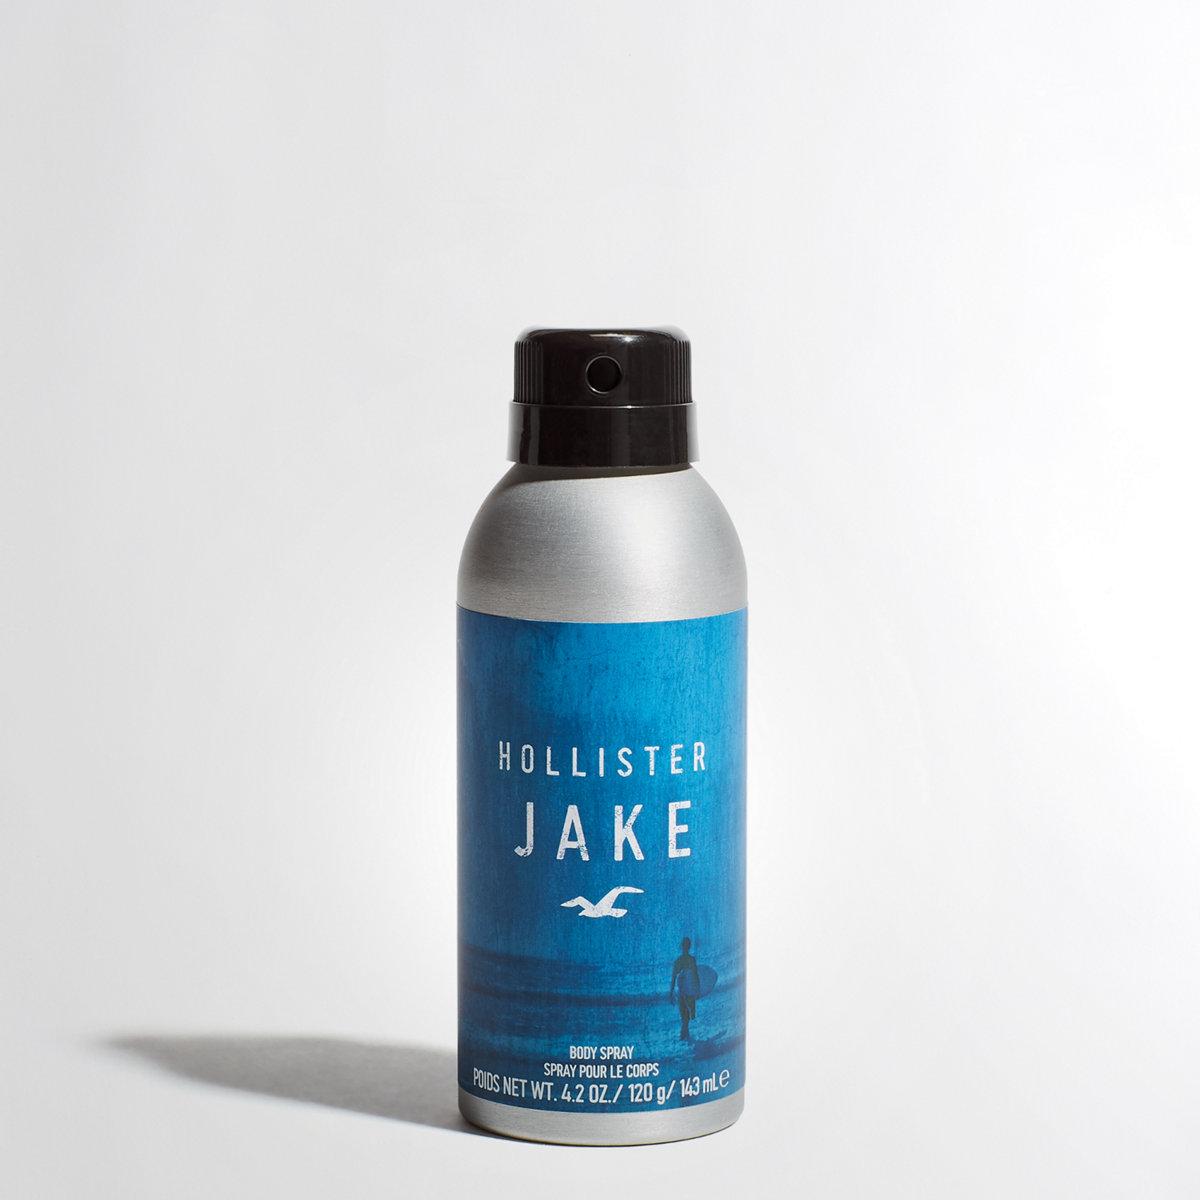 Jake Body Spray